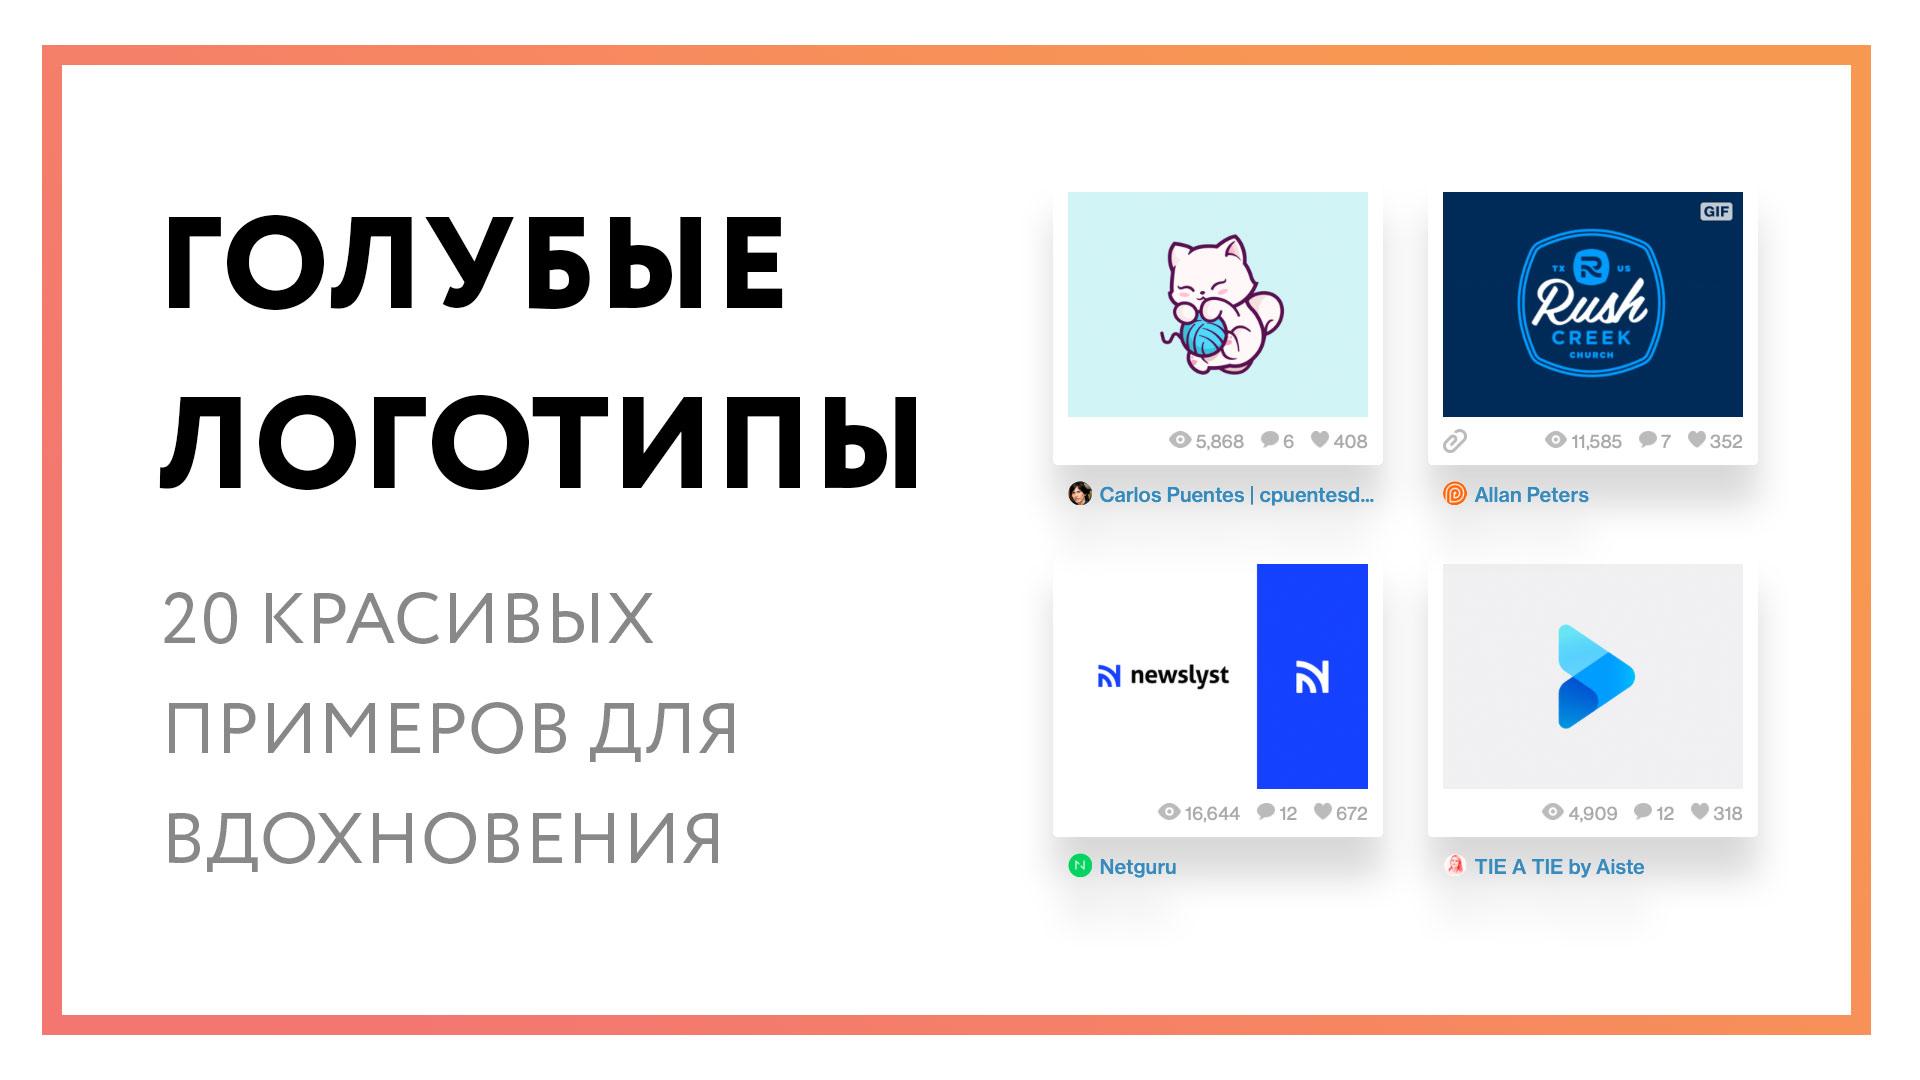 голубые-логотипы.jpg